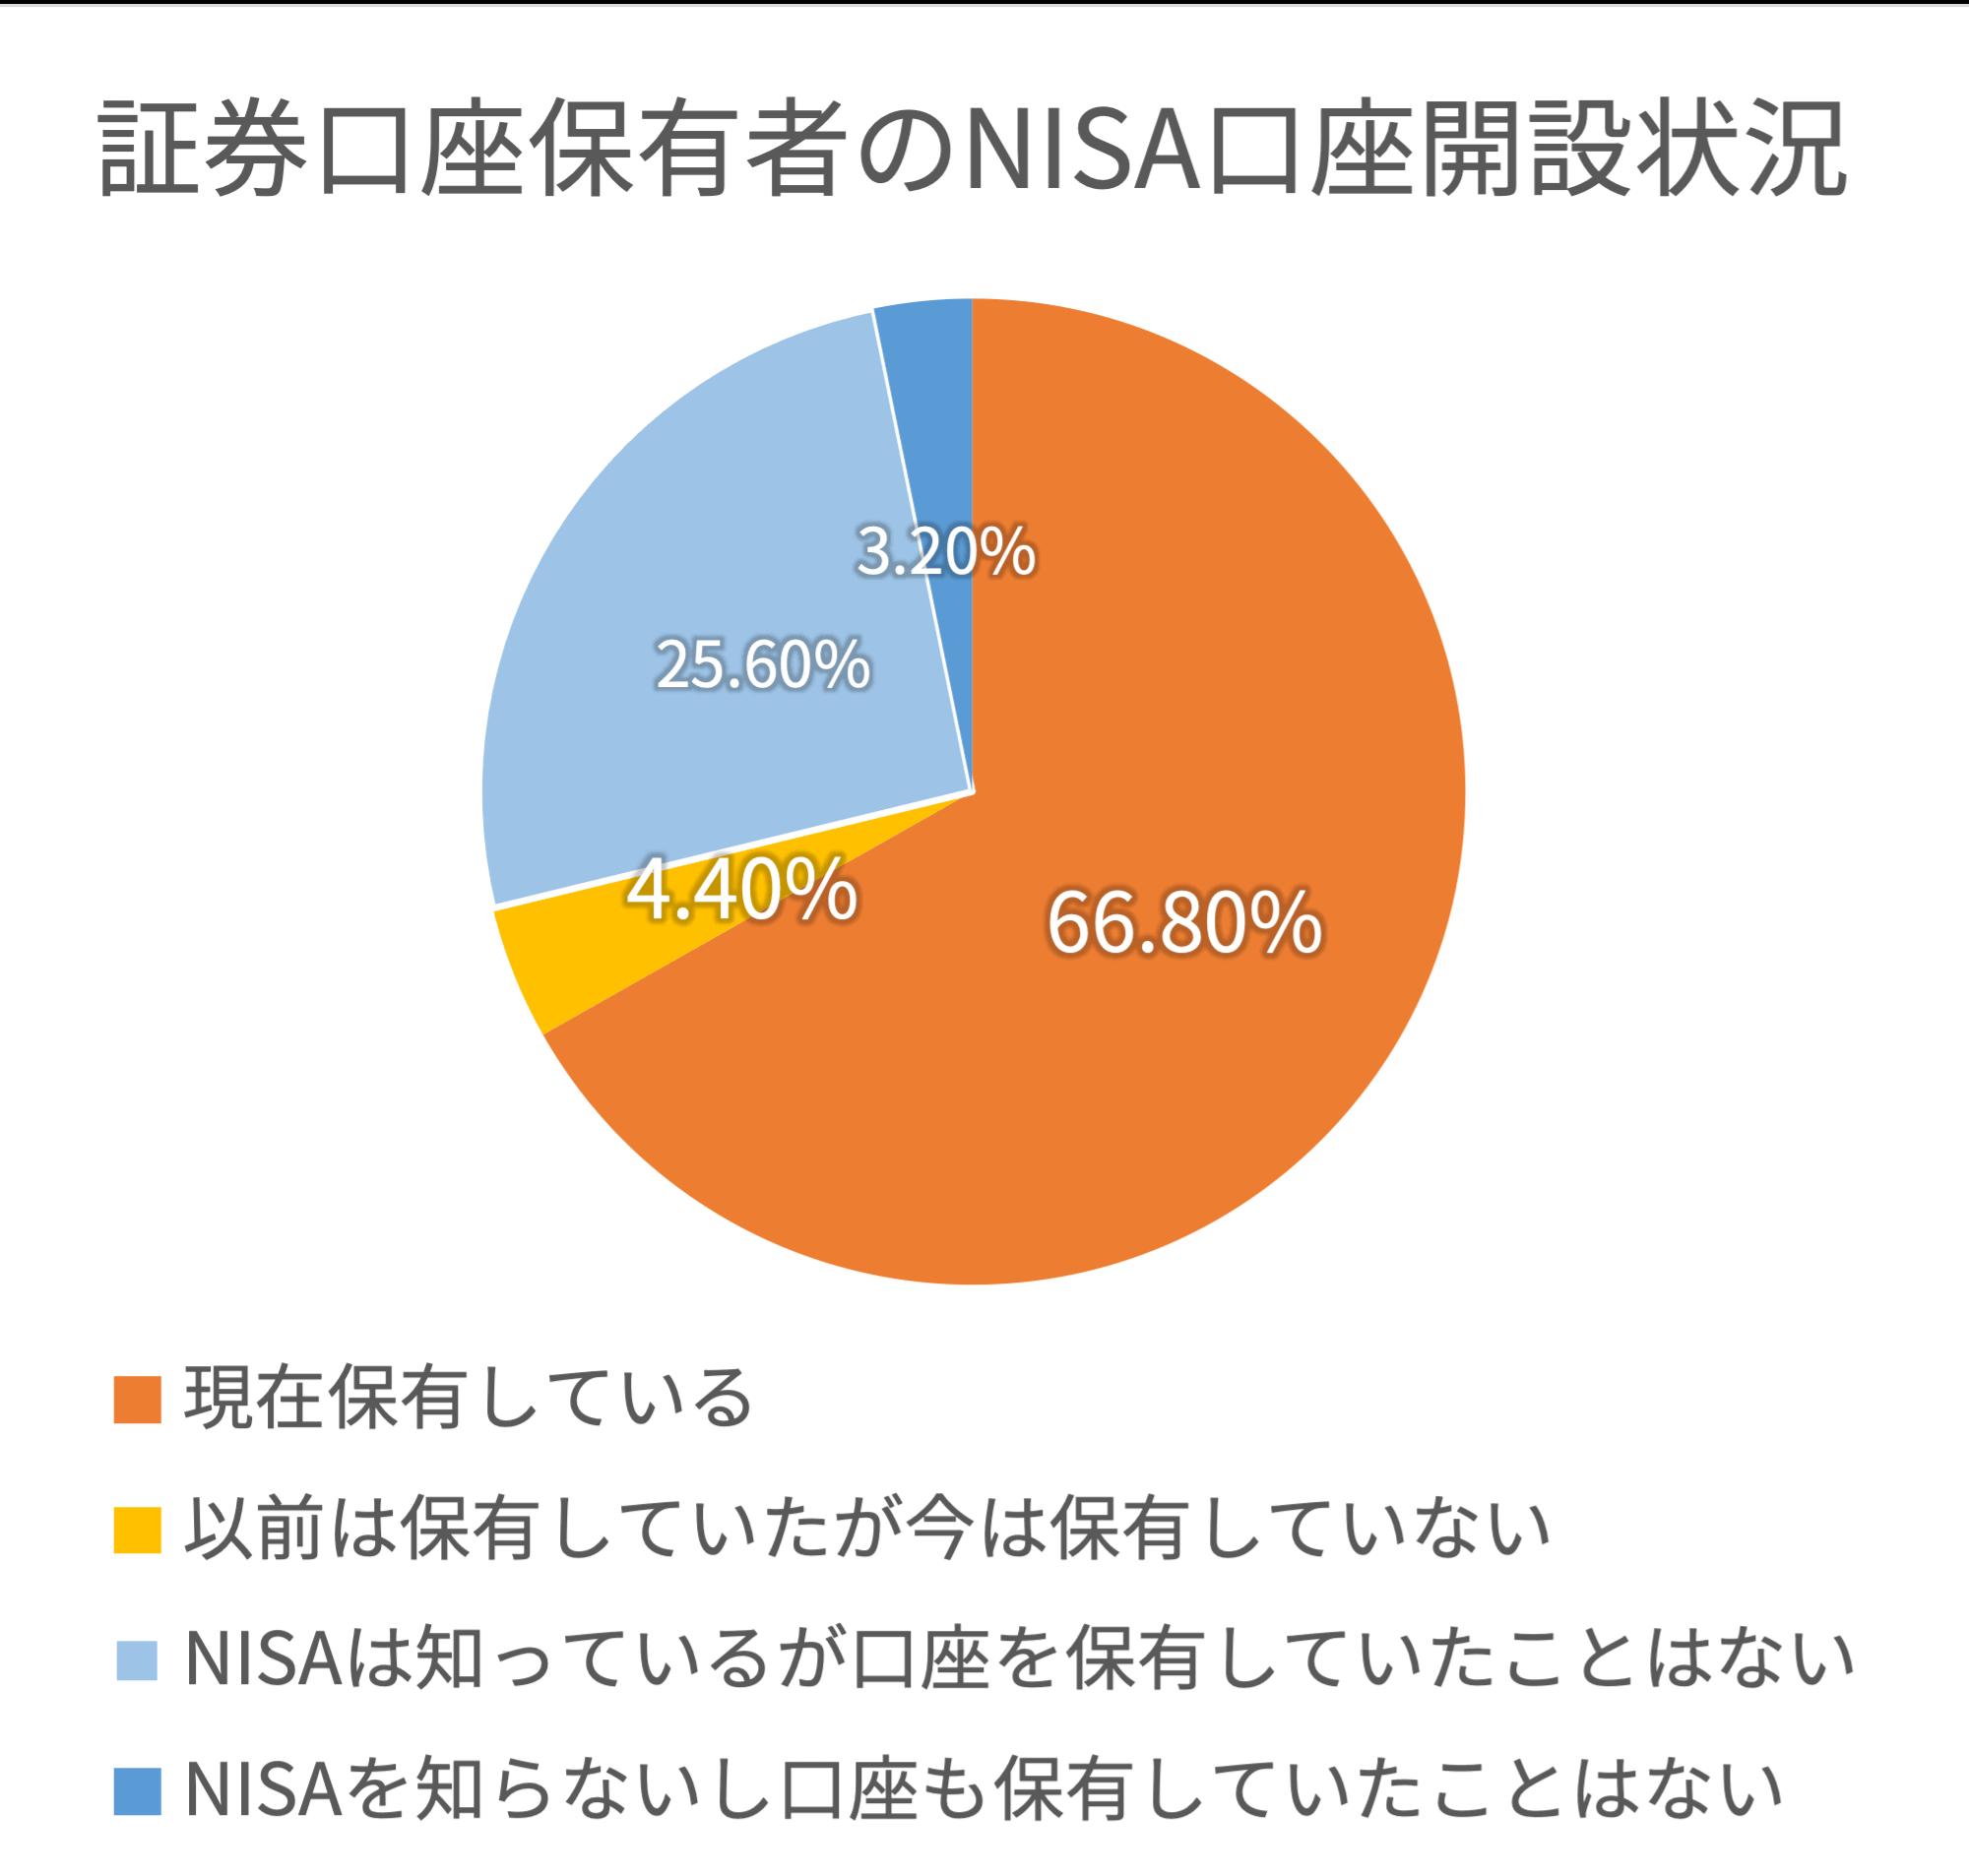 証券口座保有者のNISA口座開設状況調査結果